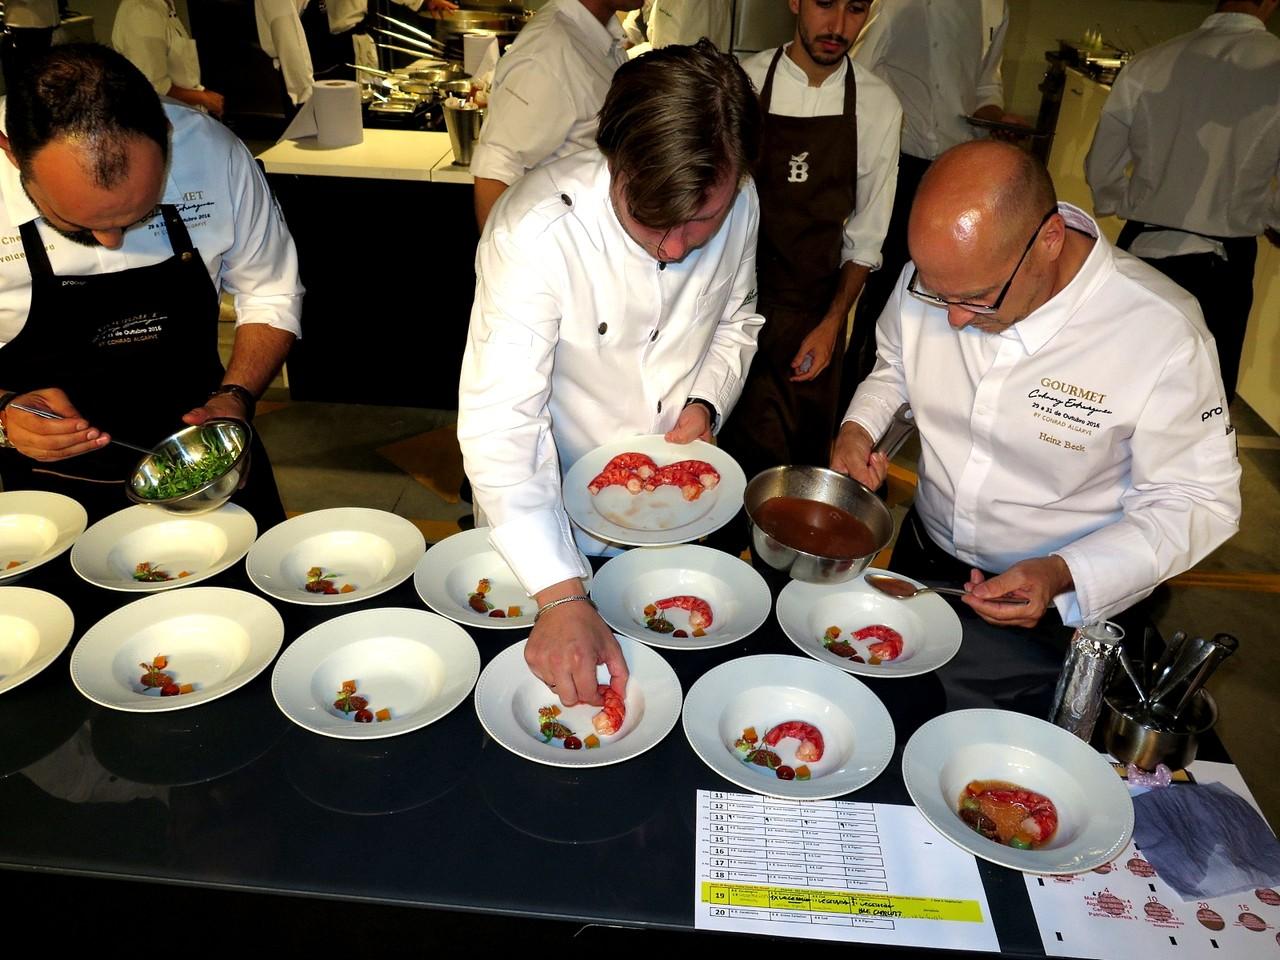 Kevin Fehling colocando o carabineiro e Heinz Beck finalizando o prato com o molho picante